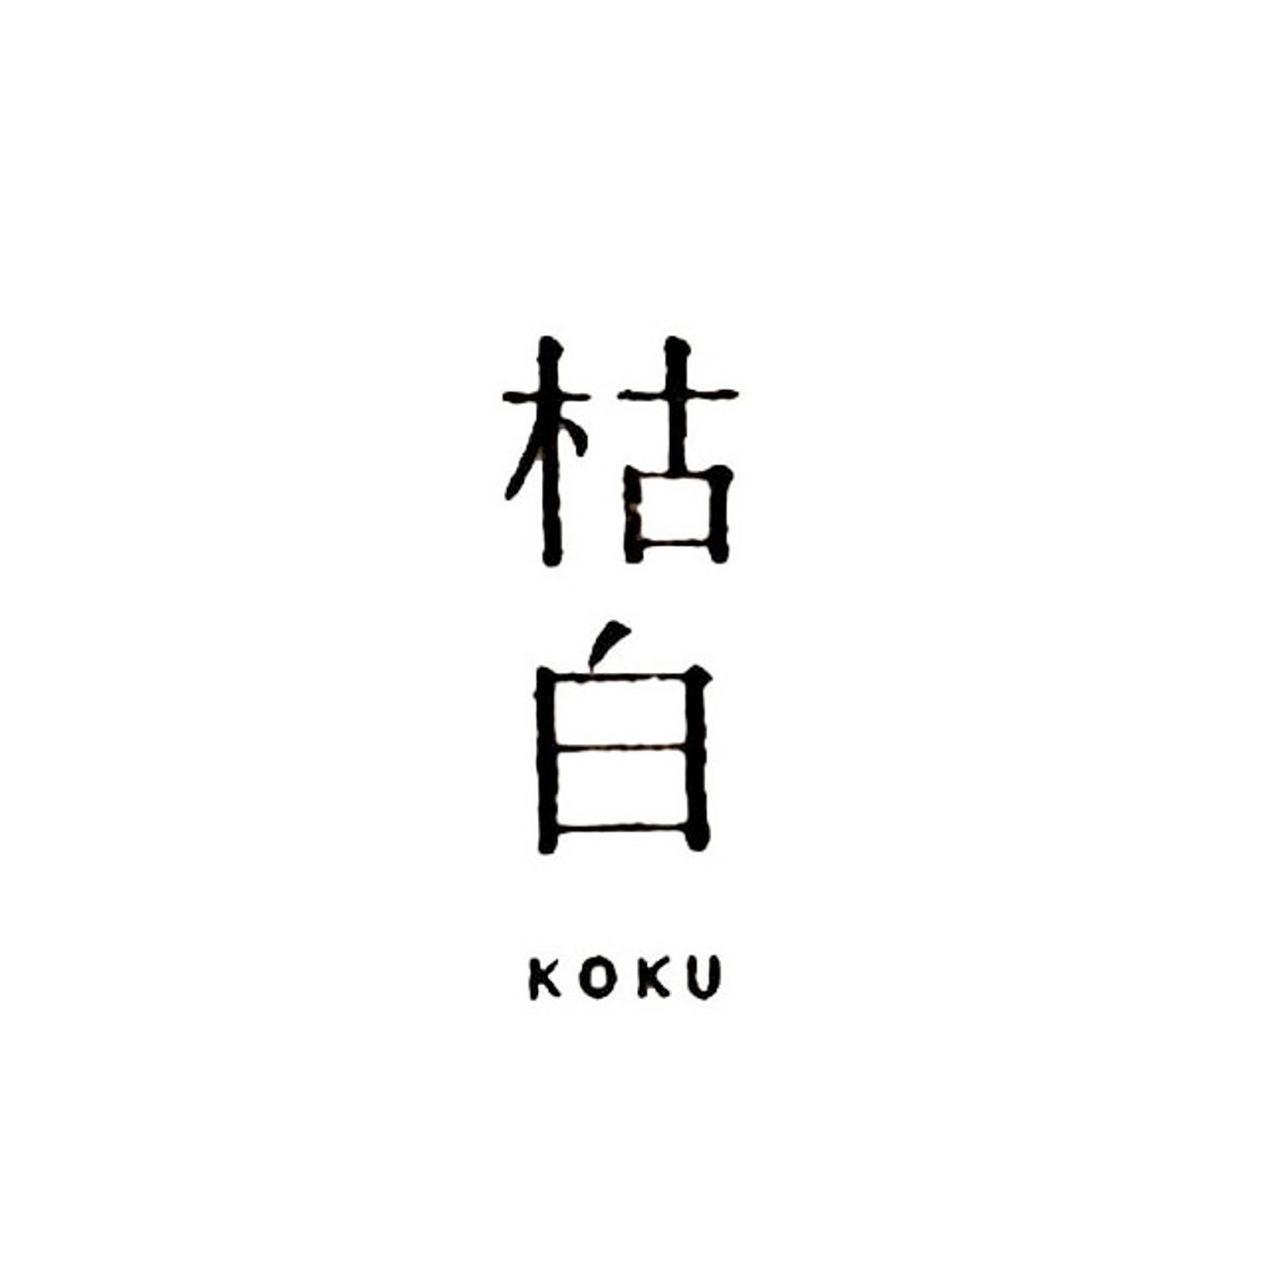 画像: 枯白 koku   Wood and Iron Furnishings 木と鉄の家具・室内道具